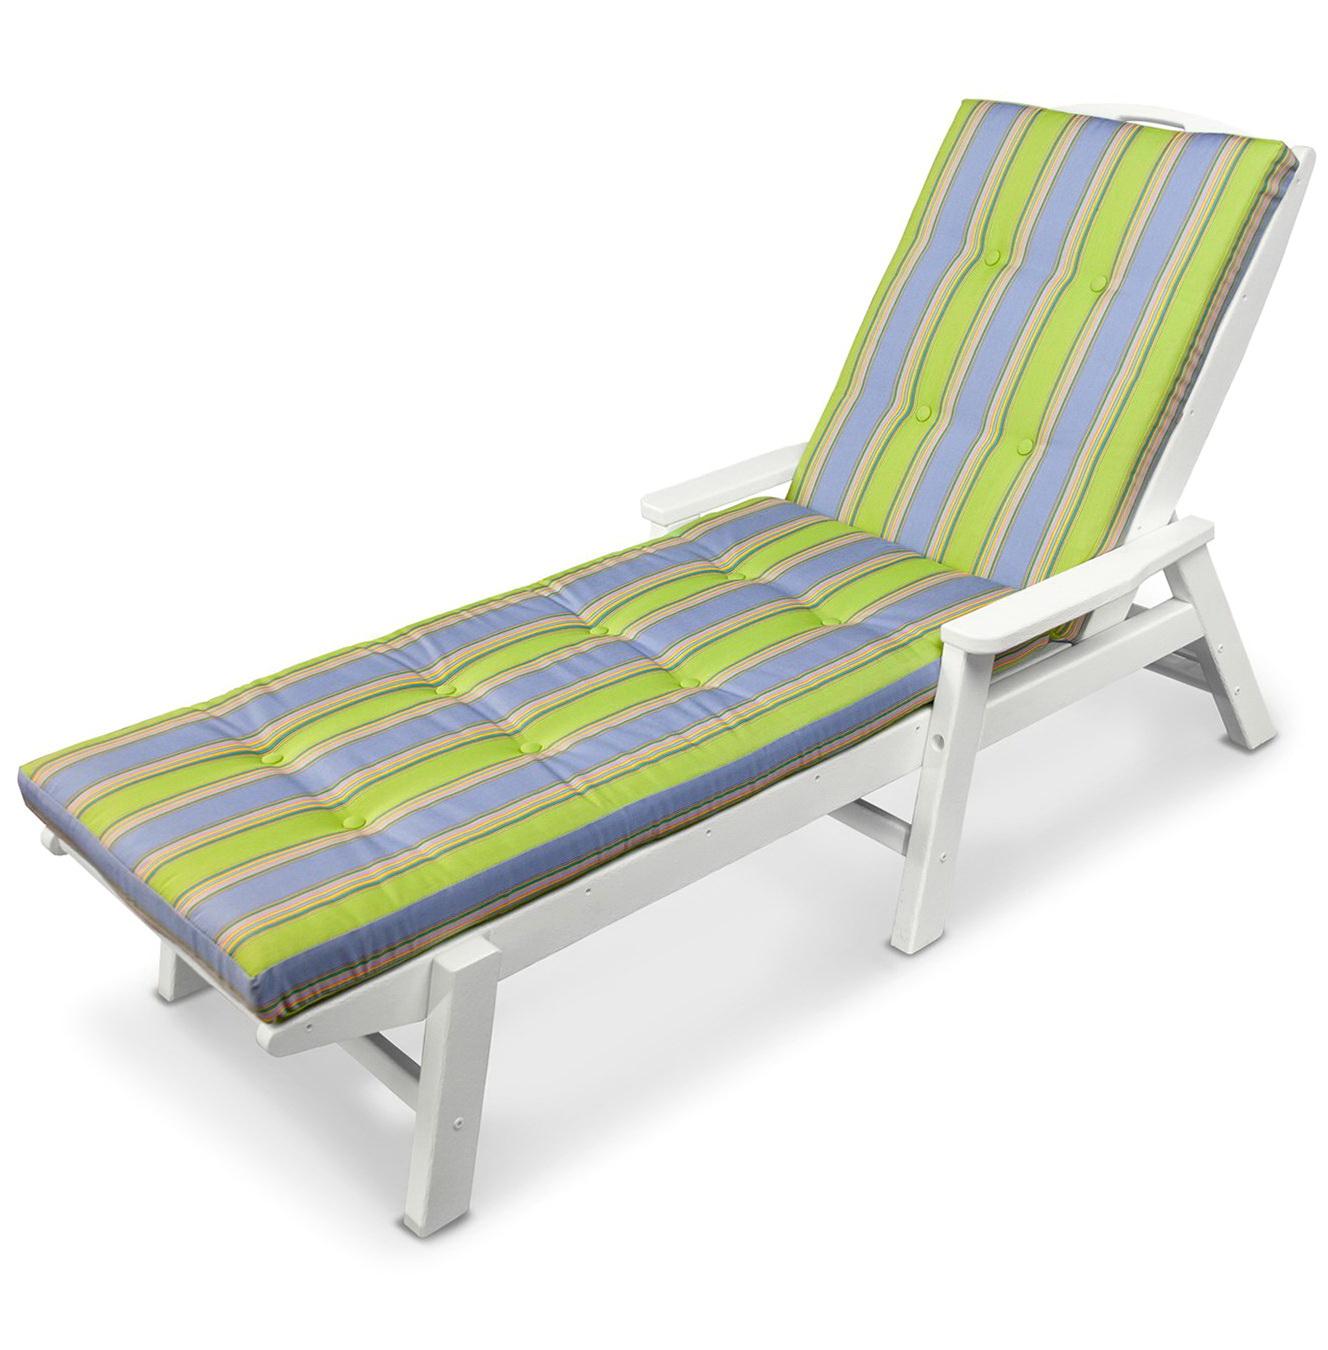 Sunbrella Chaise Lounge Cushions 77 X 25